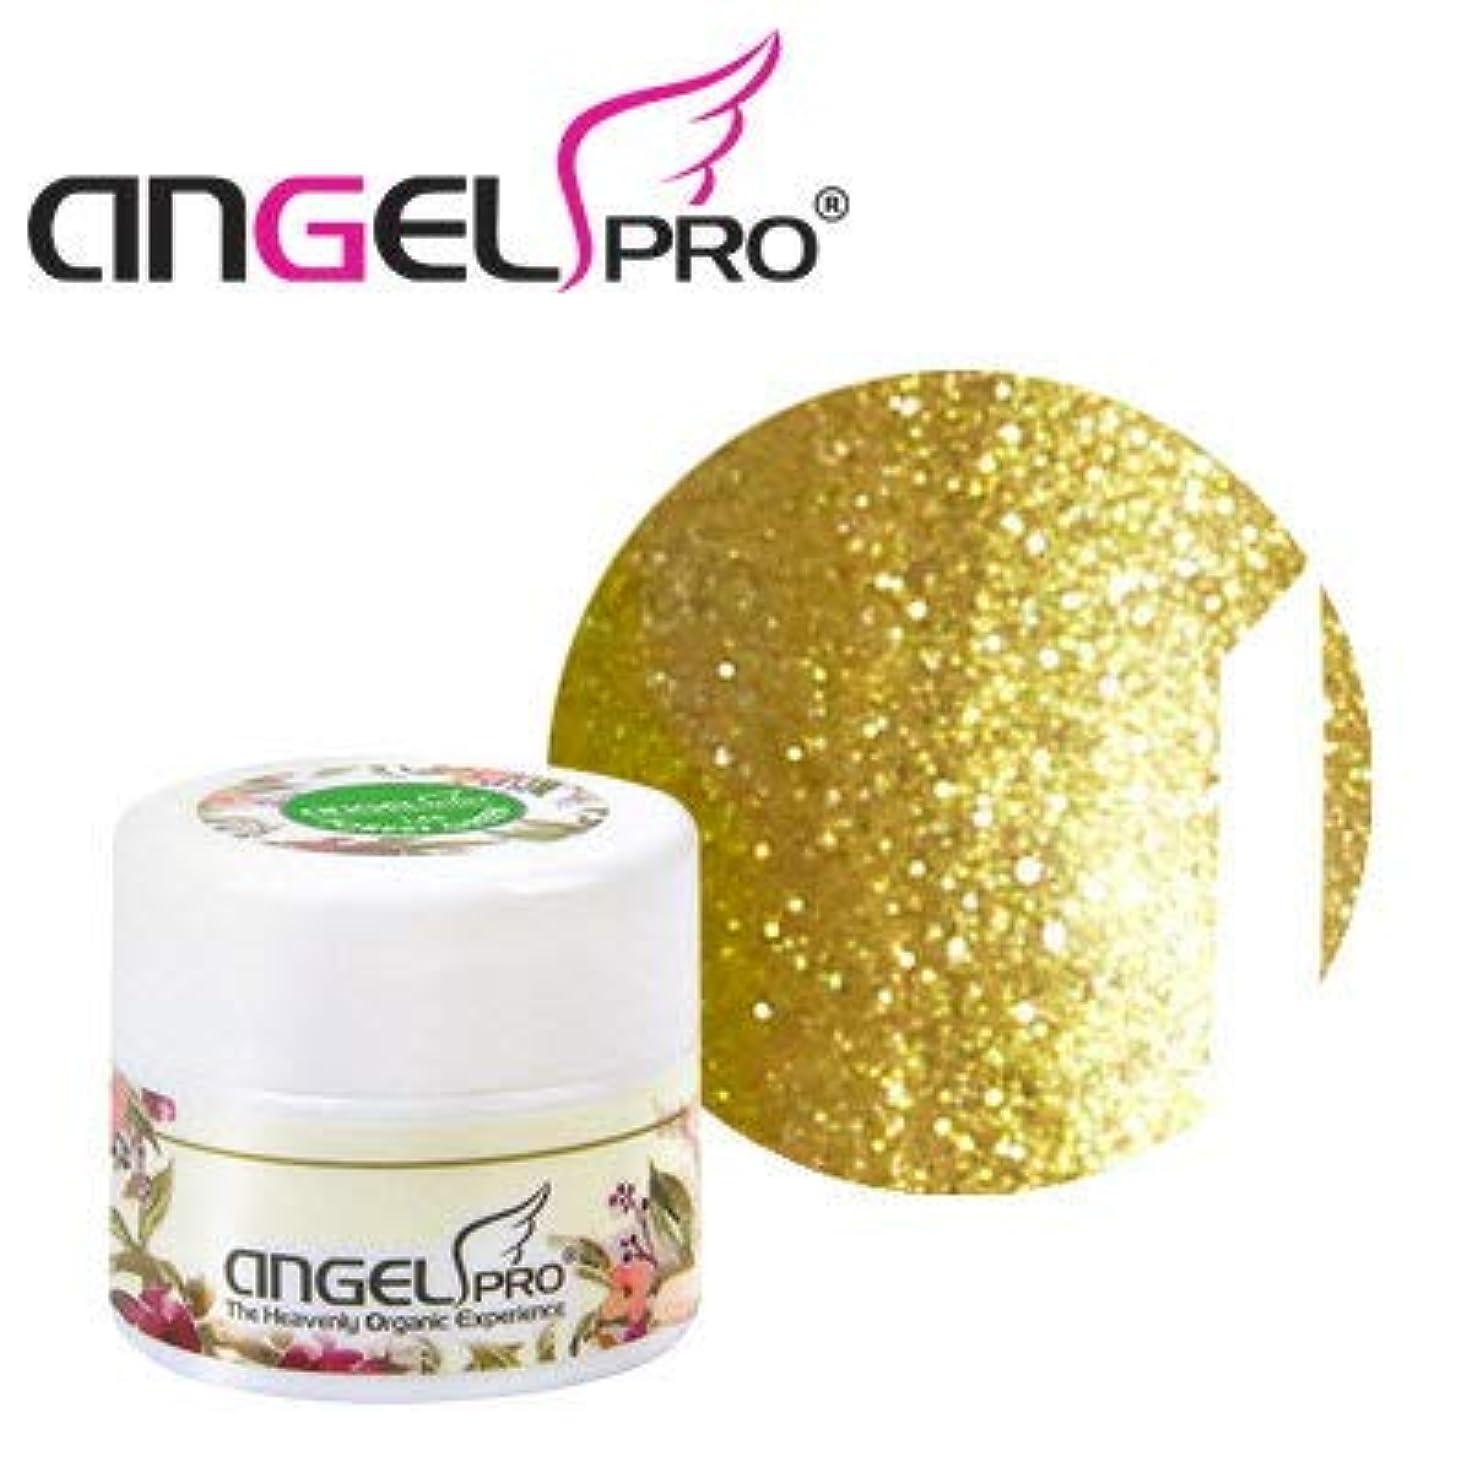 先のことを考える奇跡教義ANGEL PRO ポットジェリー #83 GOLD DUST 4g